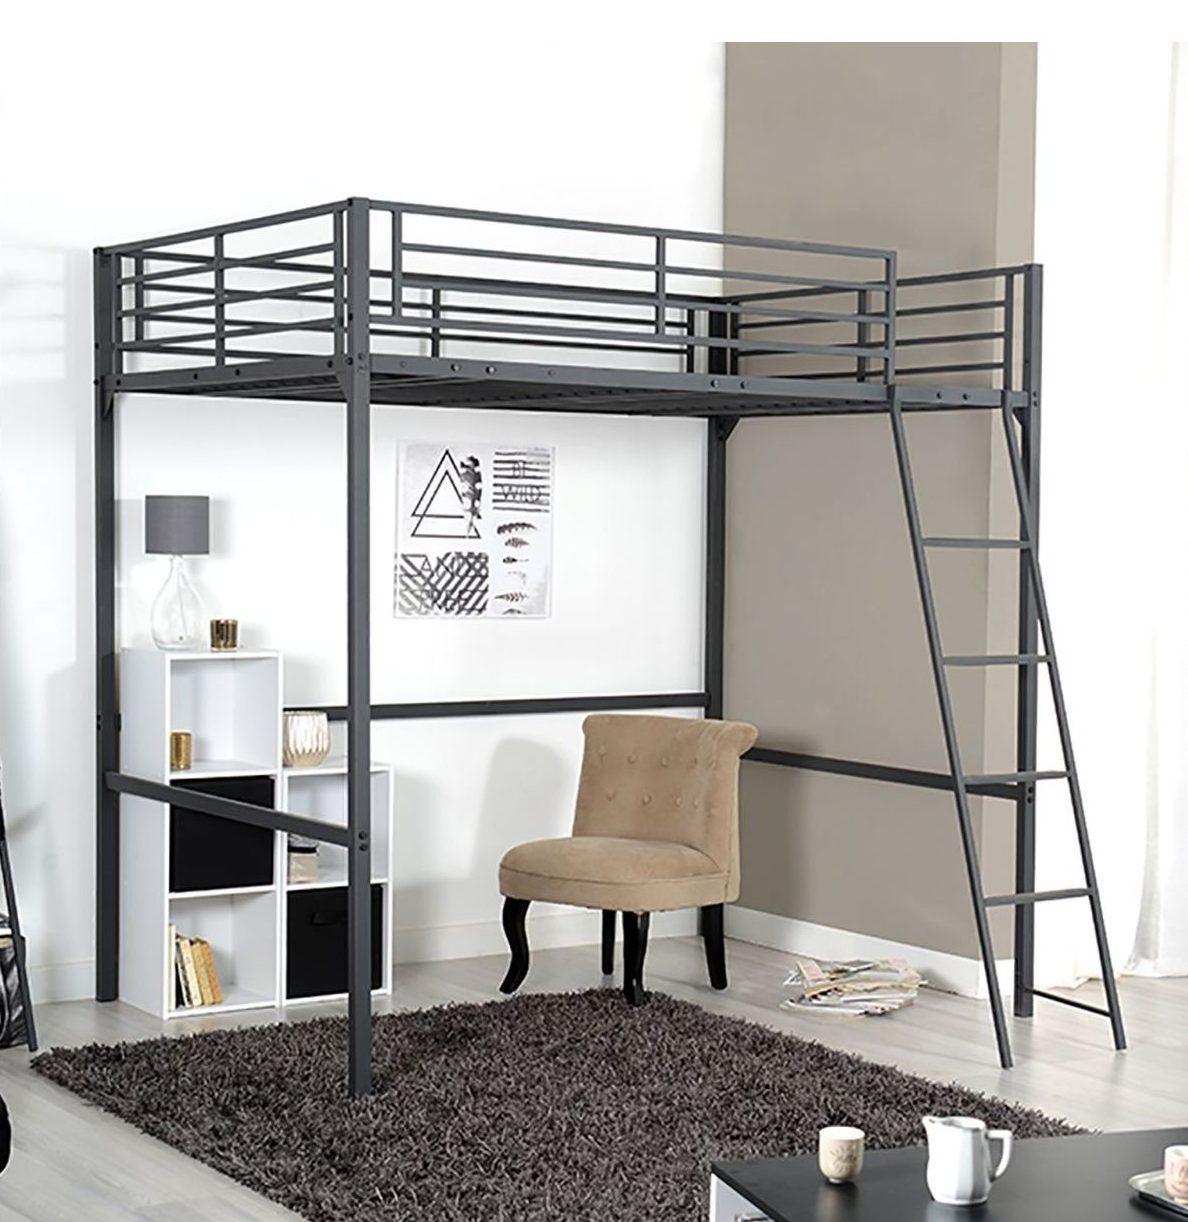 mezzanine dans salon best deco mezzanine maison mulhouse design dans la direction de salon deco. Black Bedroom Furniture Sets. Home Design Ideas